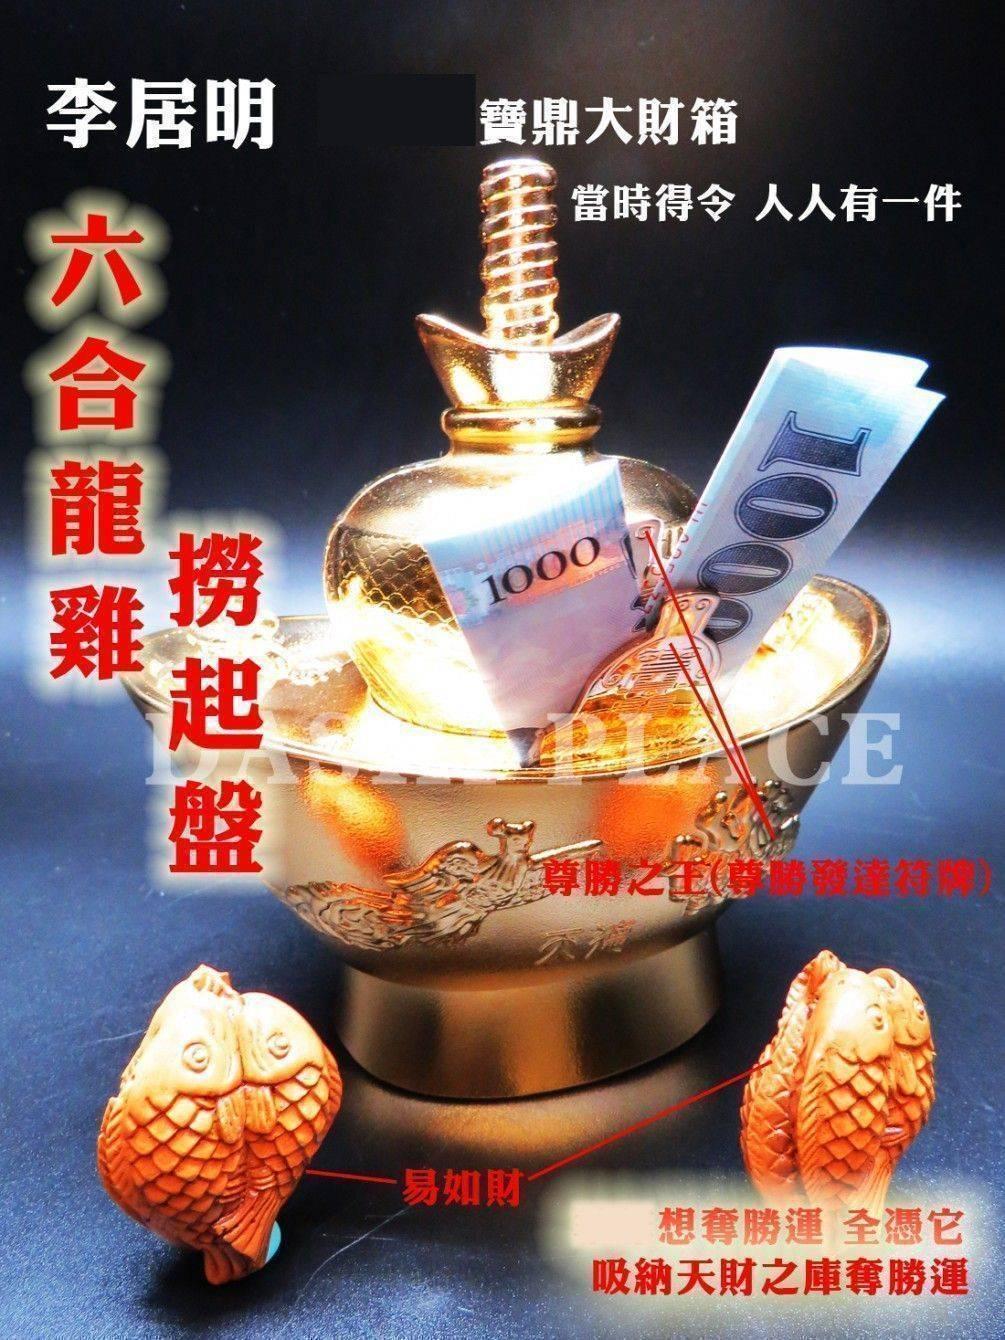 最強財庫~六大寶鼎財箱-六合龍雞